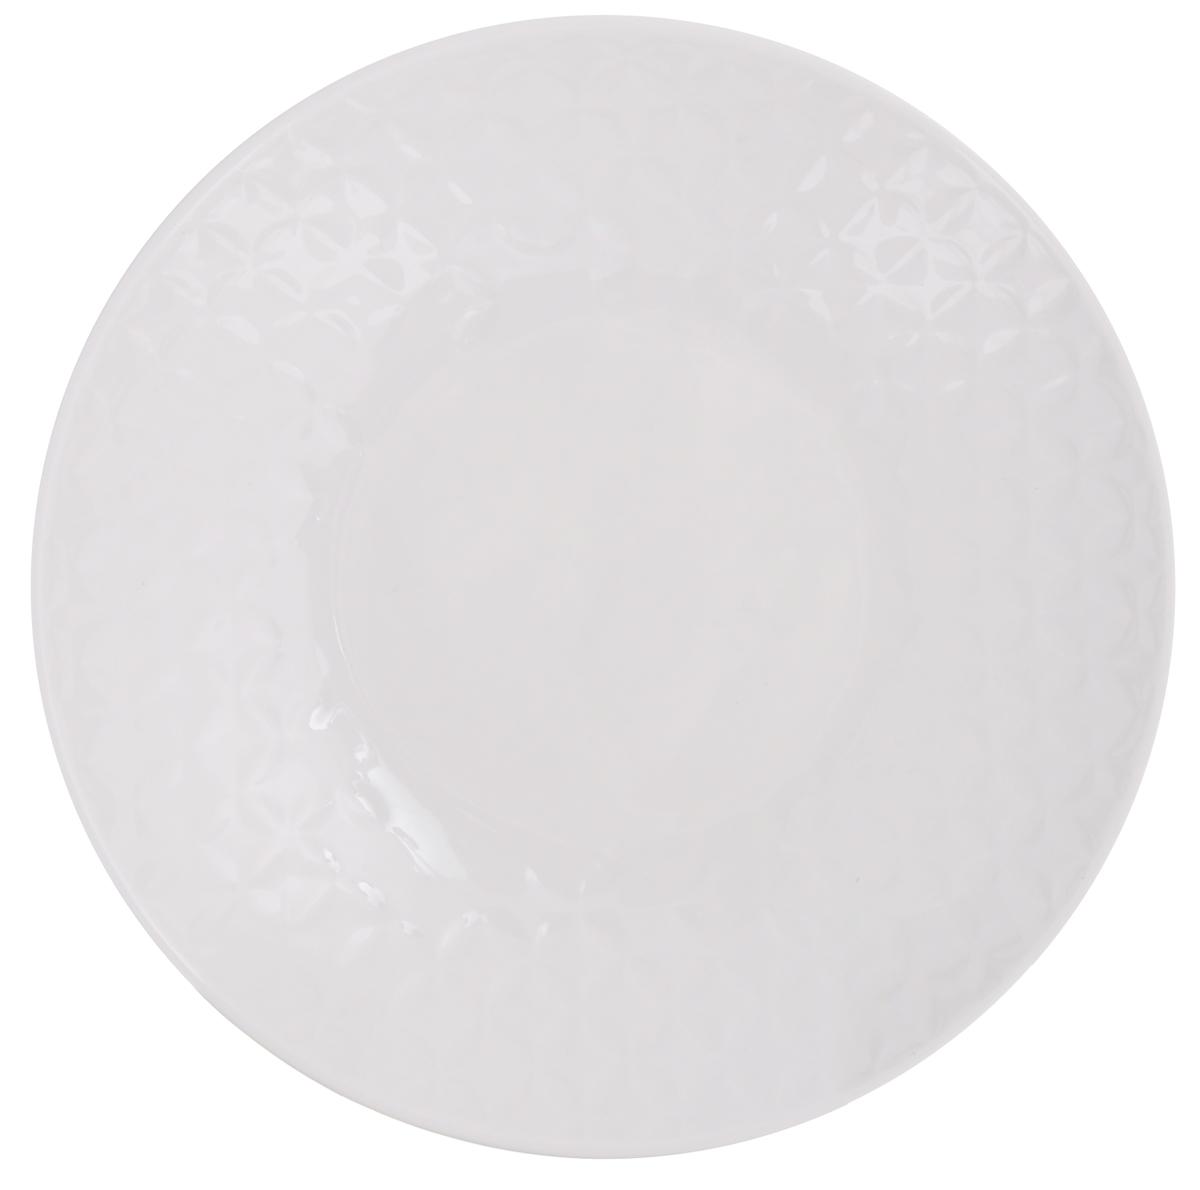 Тарелка суповая Walmer Quincy, цвет: белый, диаметр 21 см горшок для запекания walmer classic цвет белый диаметр 12 см